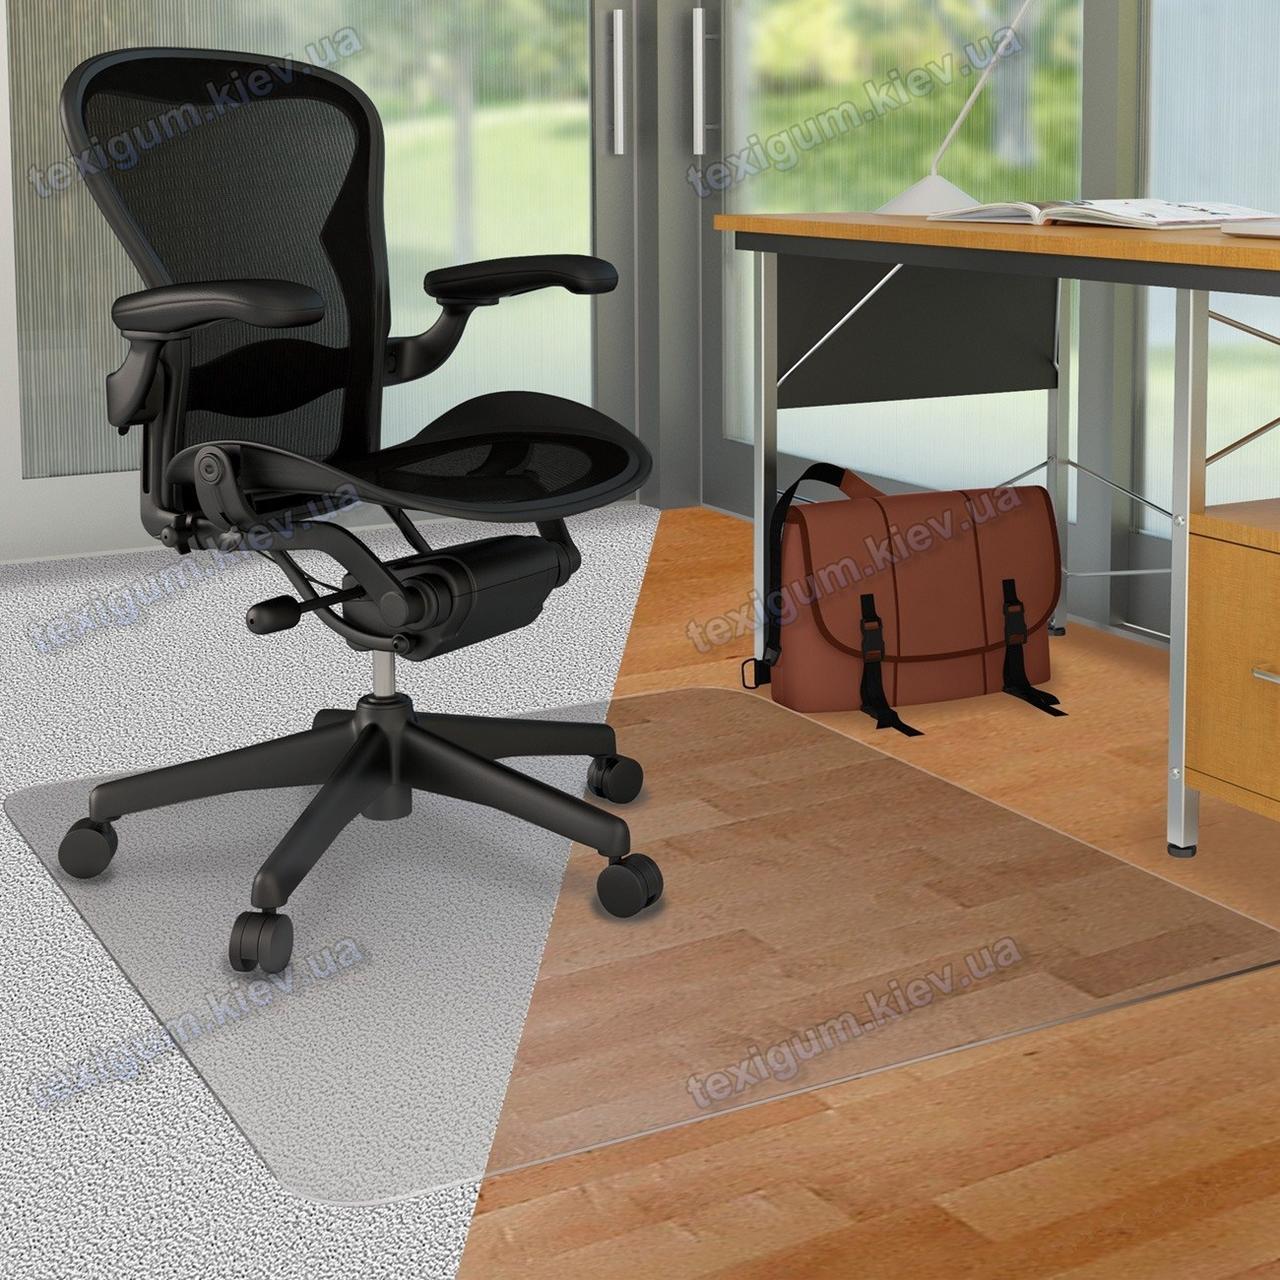 Ковер под кресло для защиты пола прозрачный 100х120см. Толщина 2,0мм